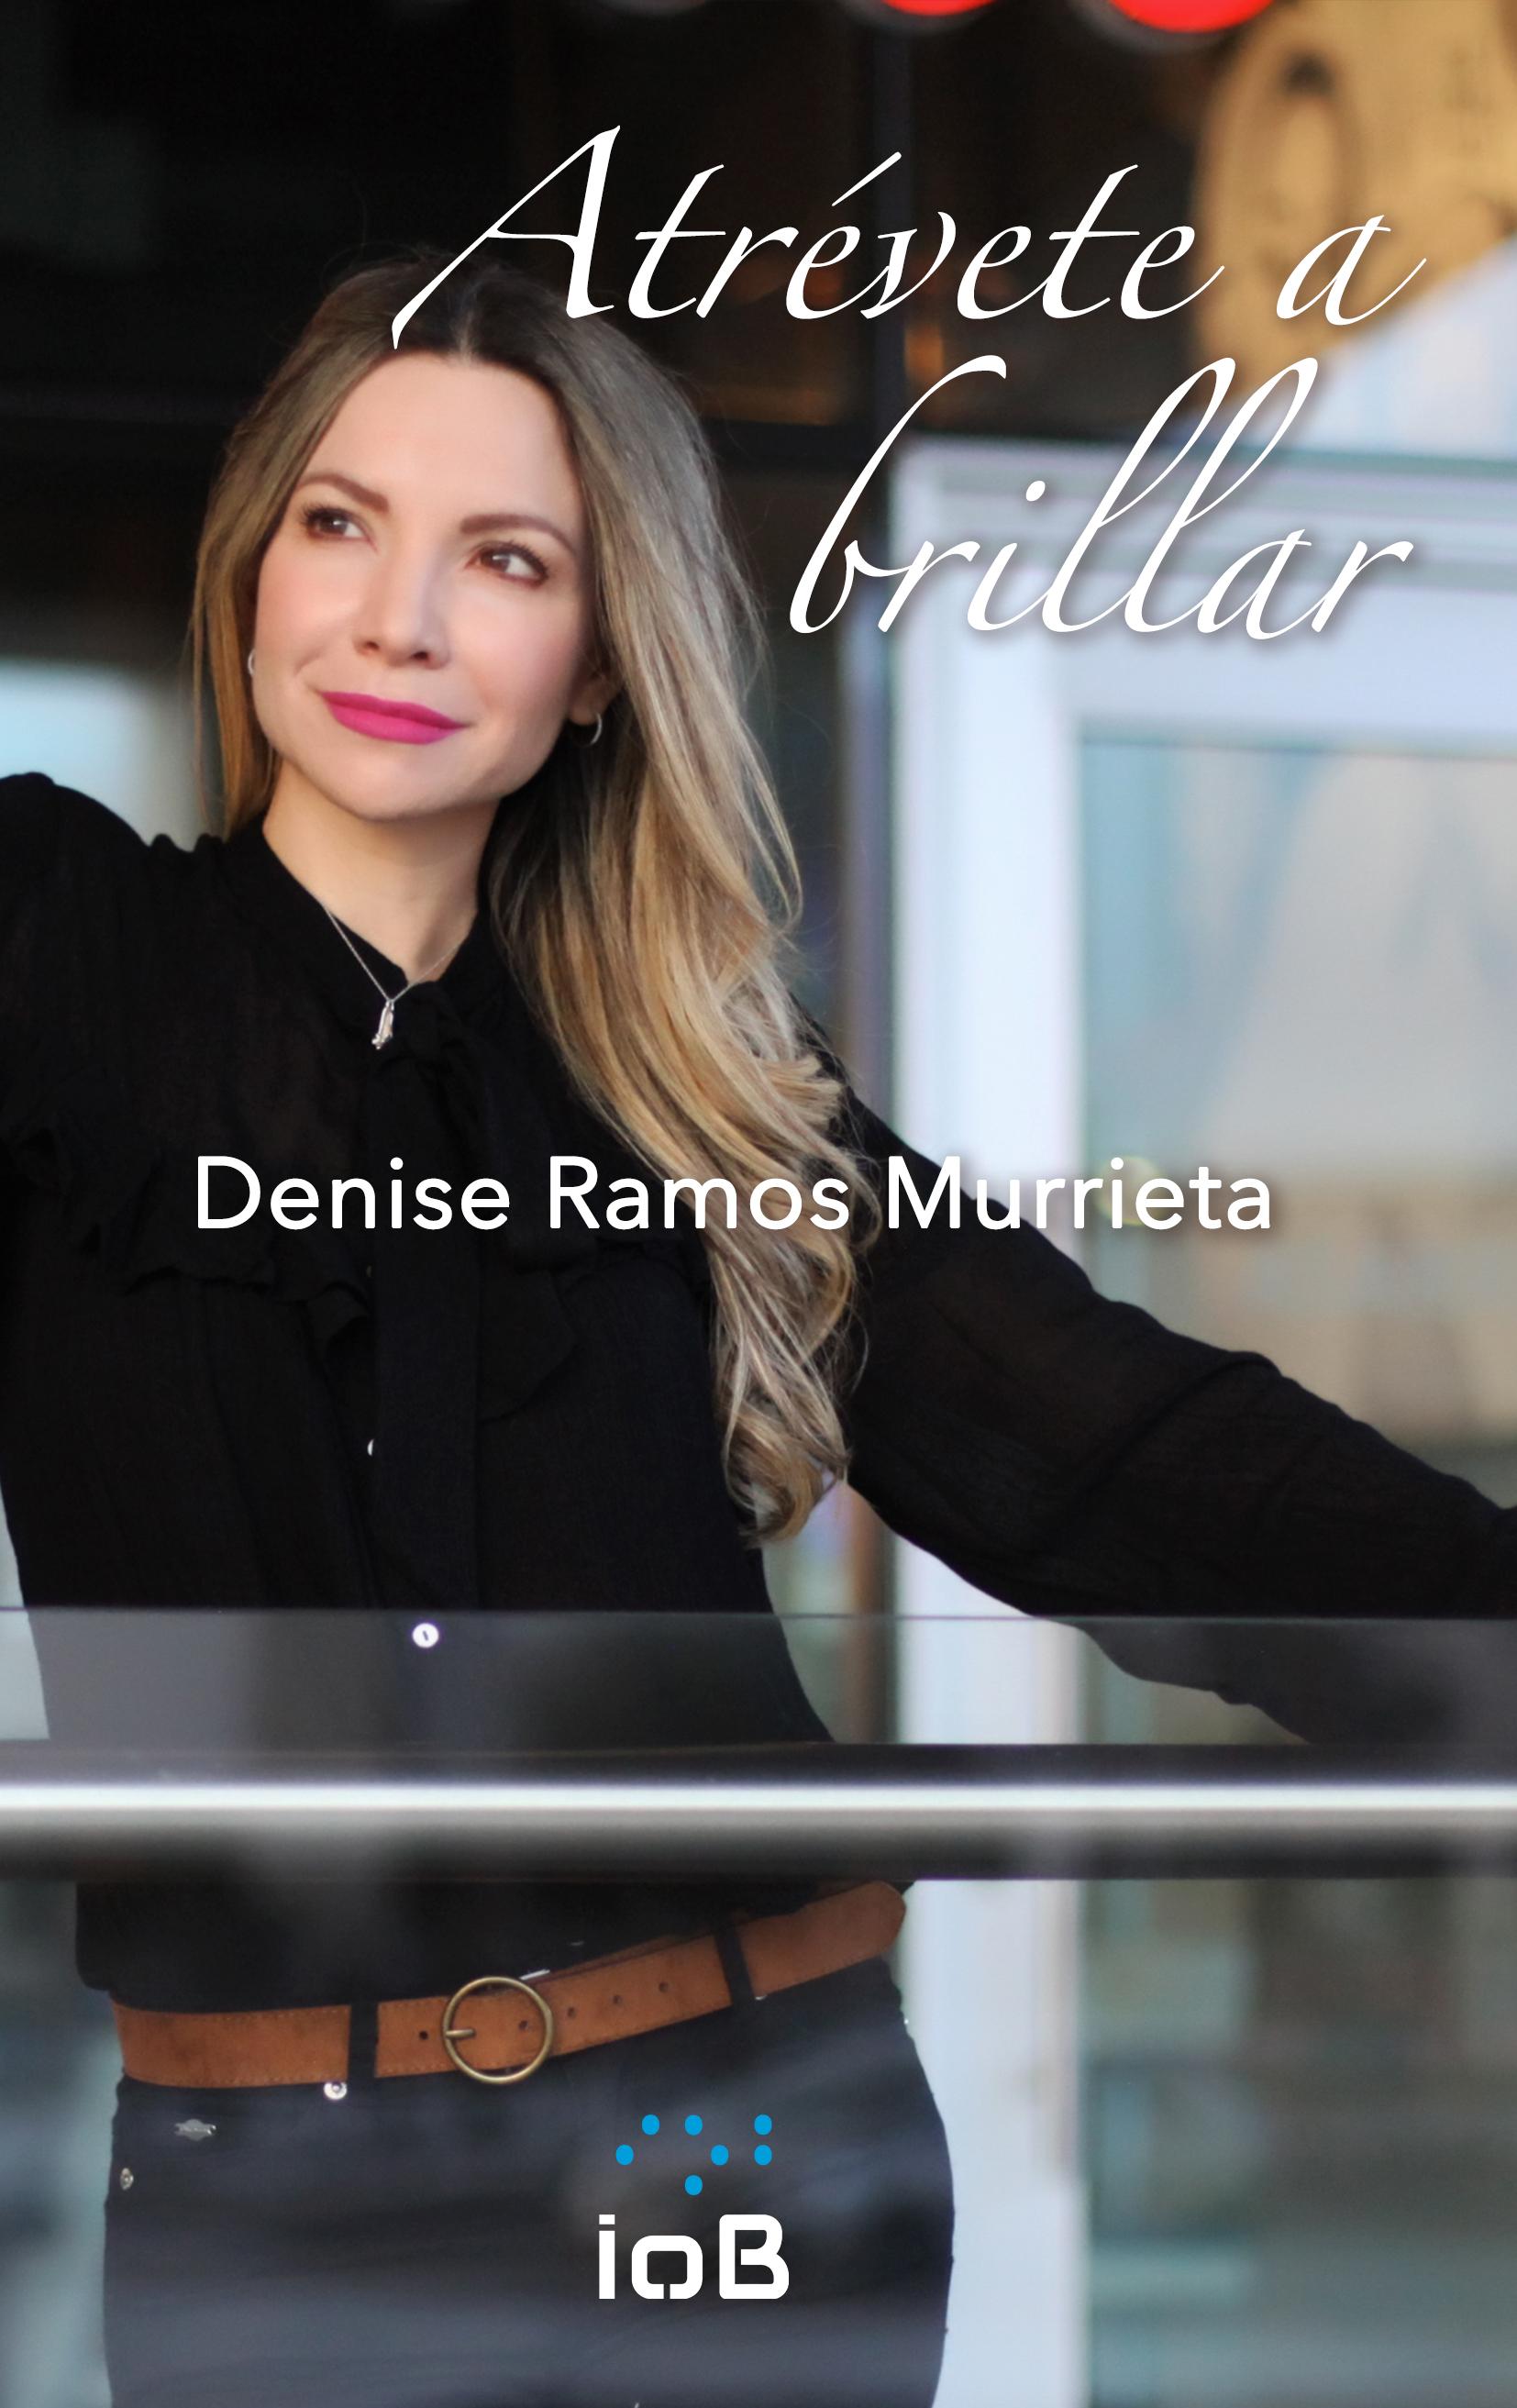 Atrevete a brillar de Denise Ramos